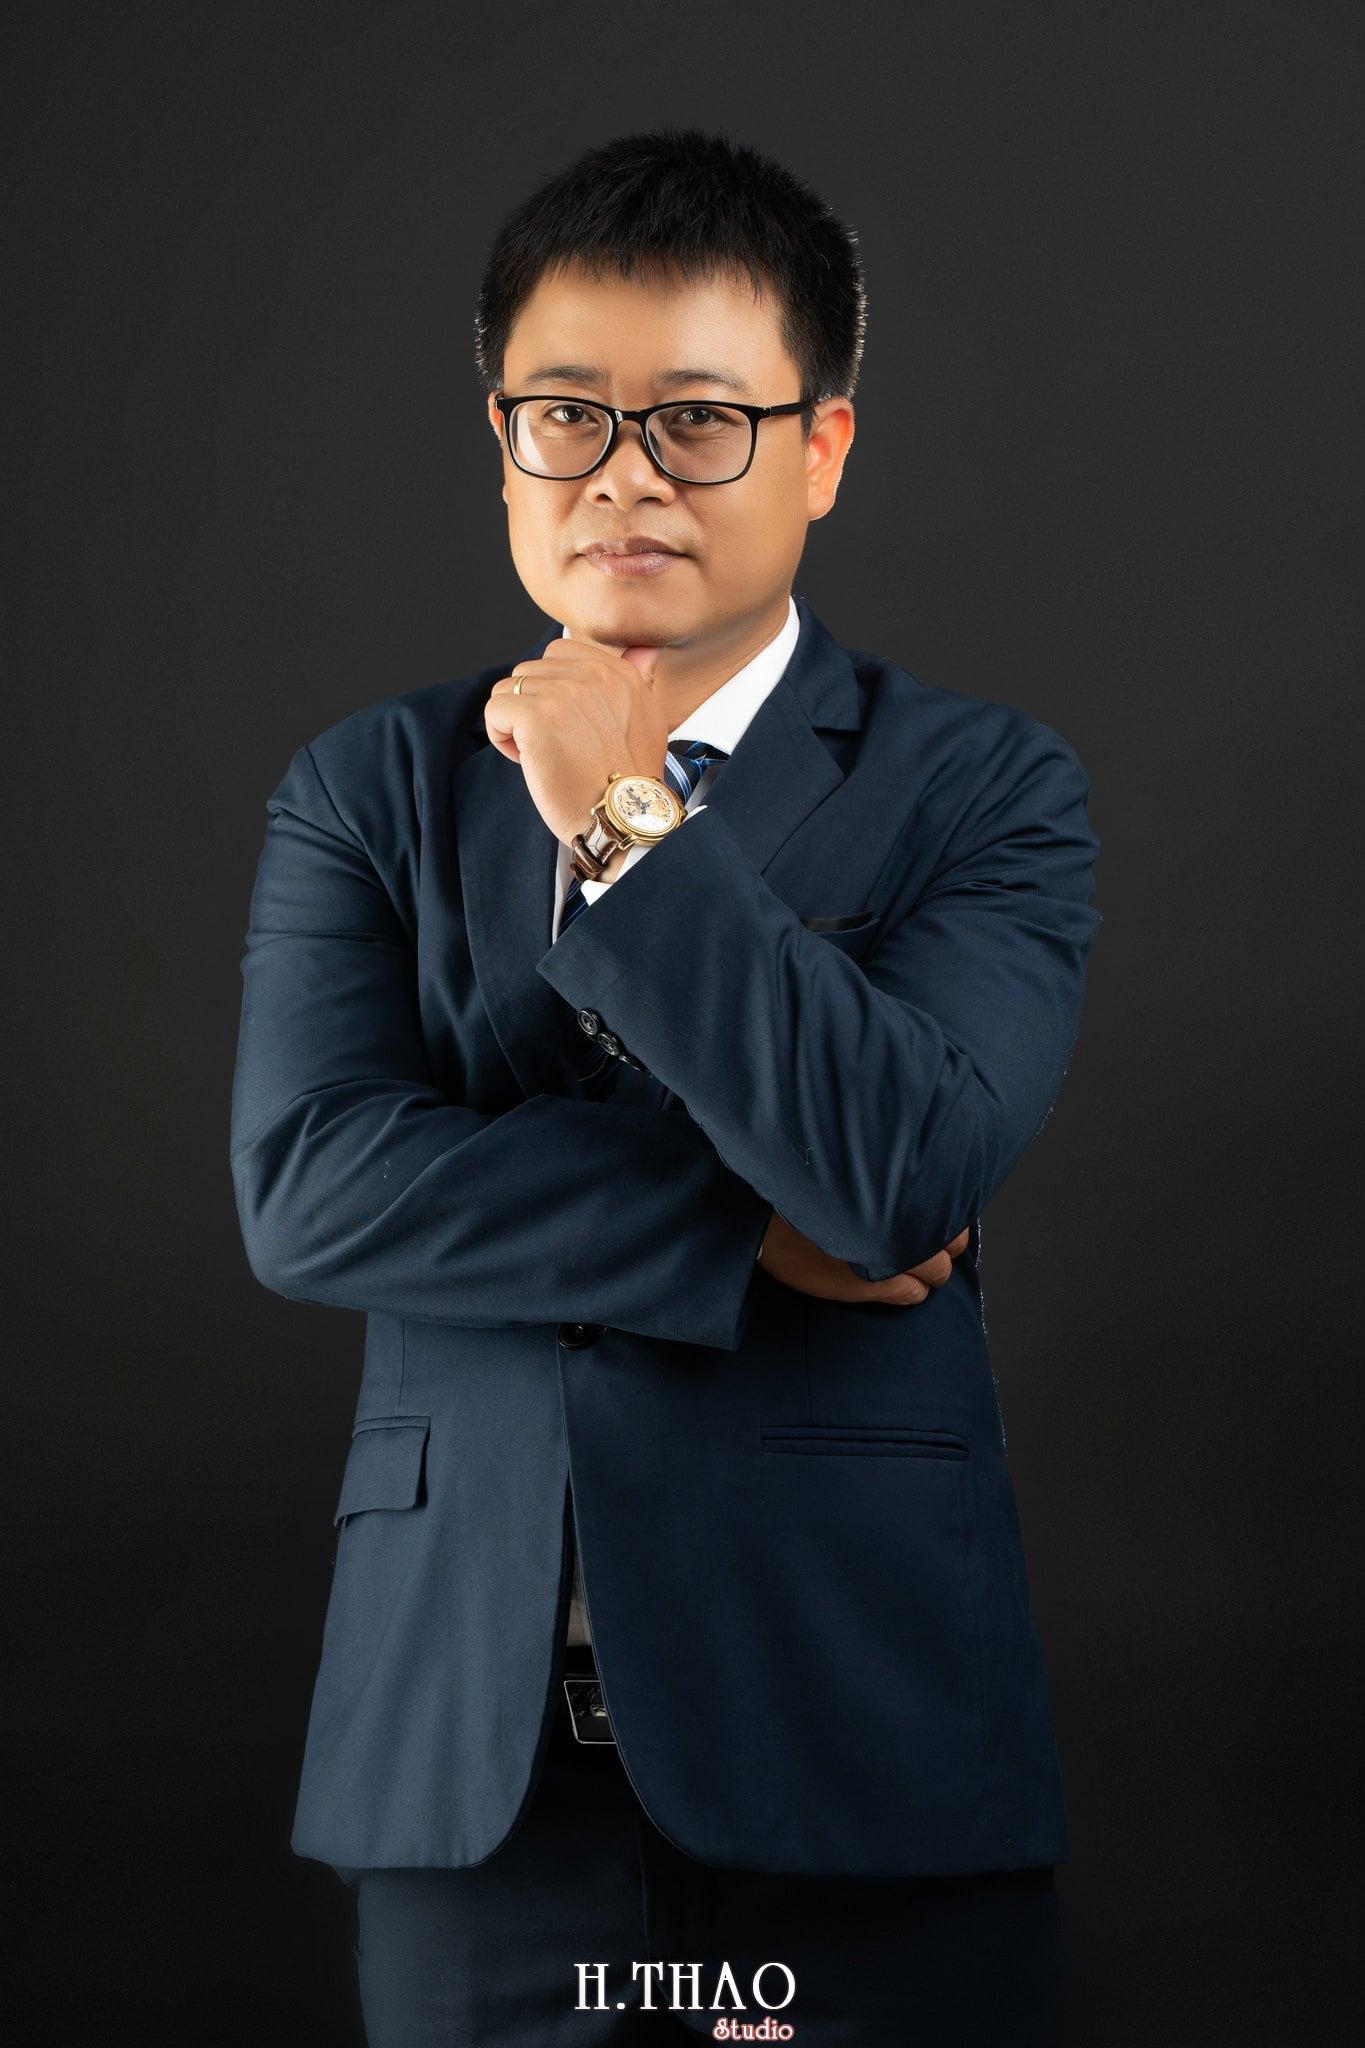 Anh Hoang 1 min - Album ảnh giám đốc Hoàng VIB lịch lãm - HThao Studio